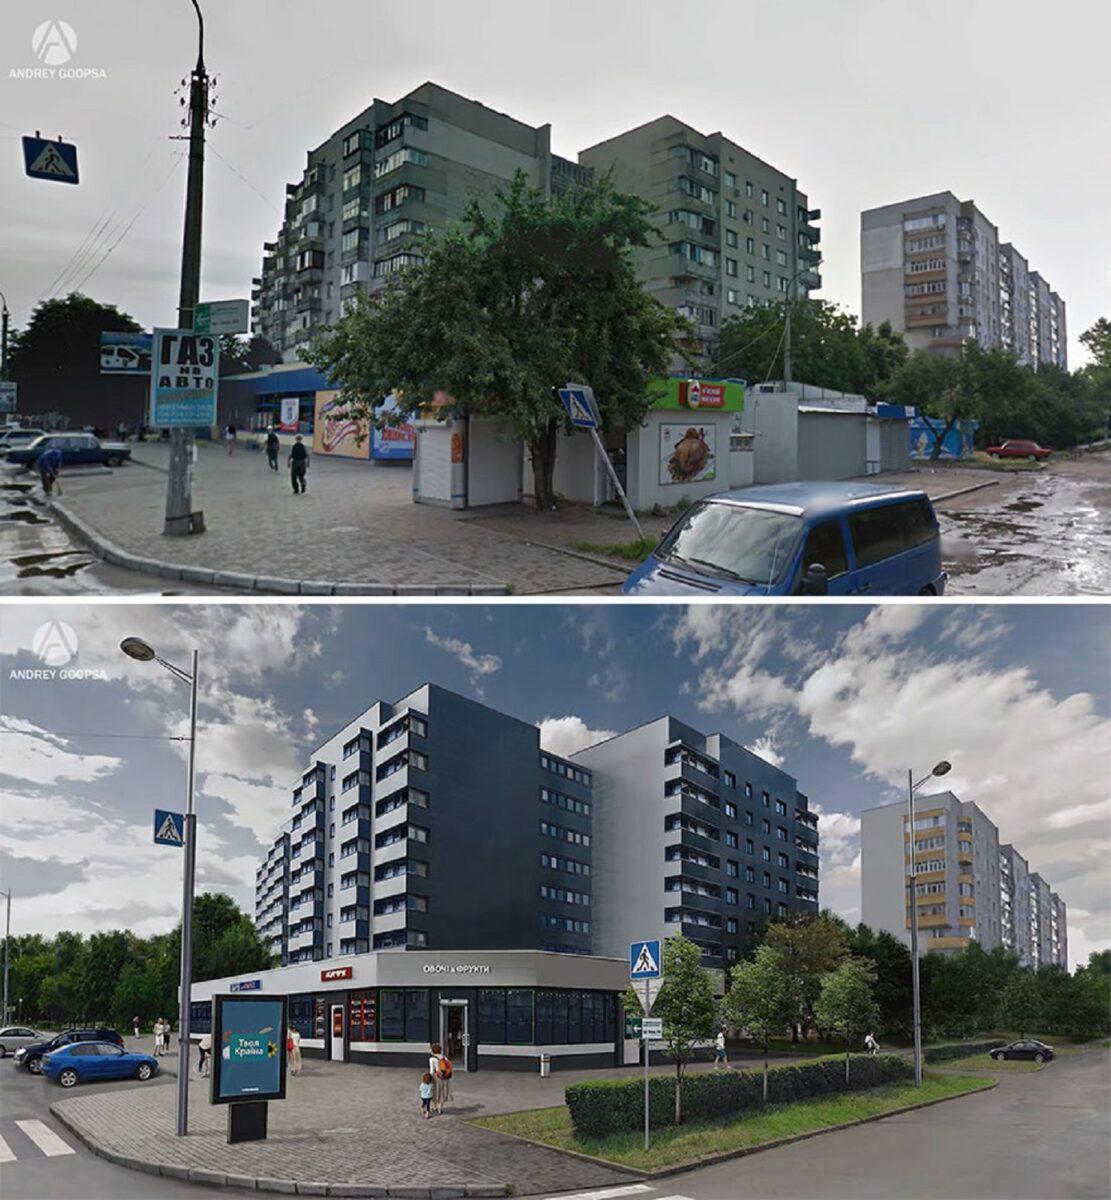 Andrey Goopsa artista mostra com antes e depois como paises pos sovieticos deveriam ser hoje 9